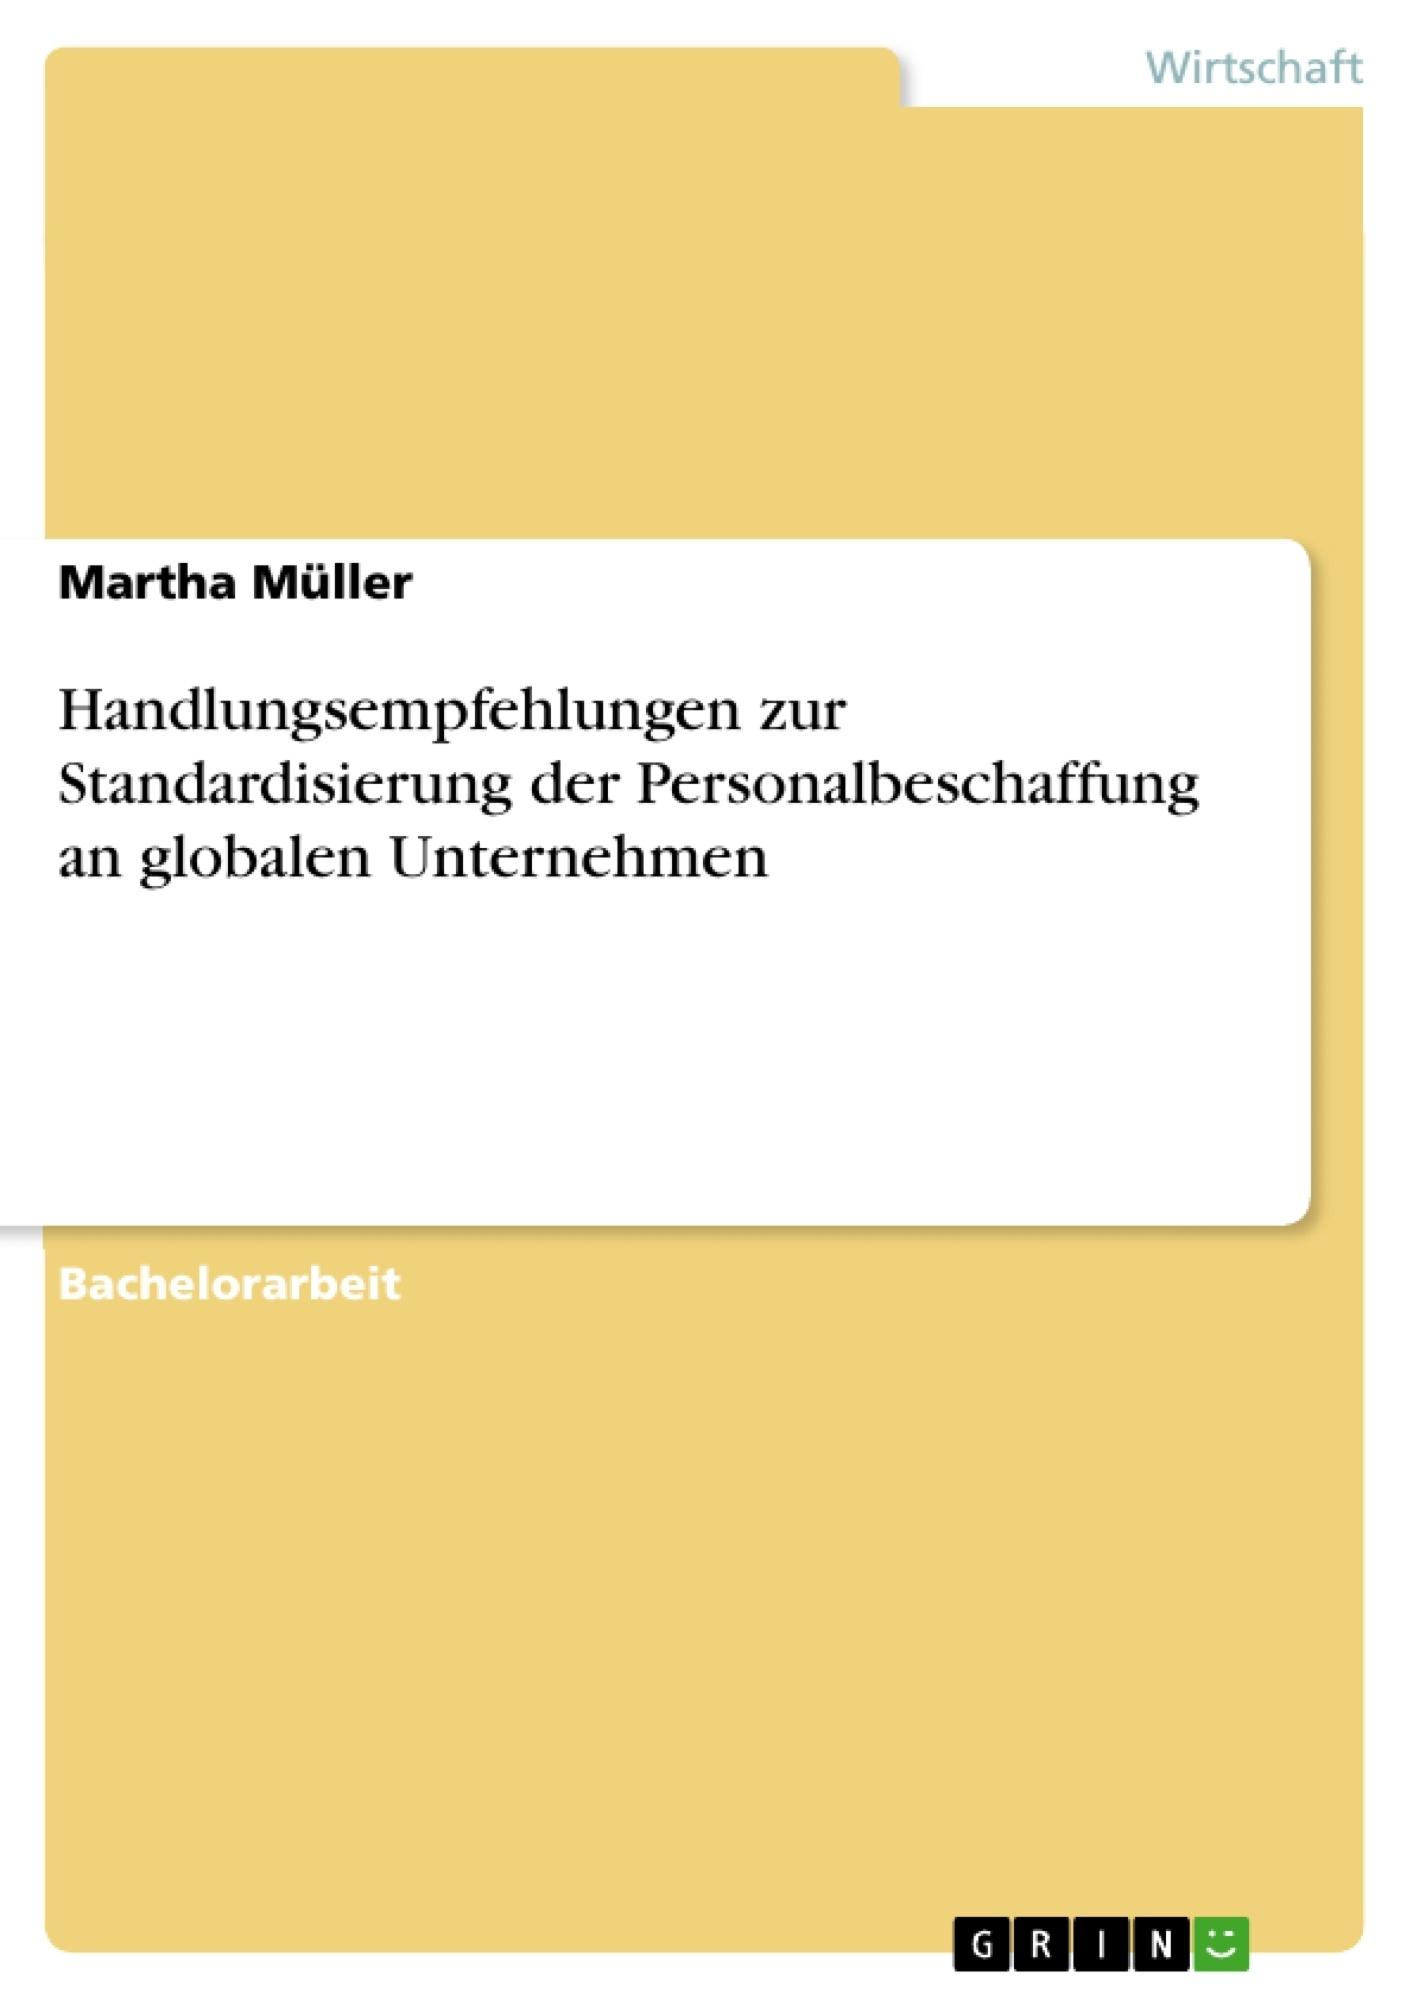 Titel: Handlungsempfehlungen zur Standardisierung der Personalbeschaffung an globalen Unternehmen